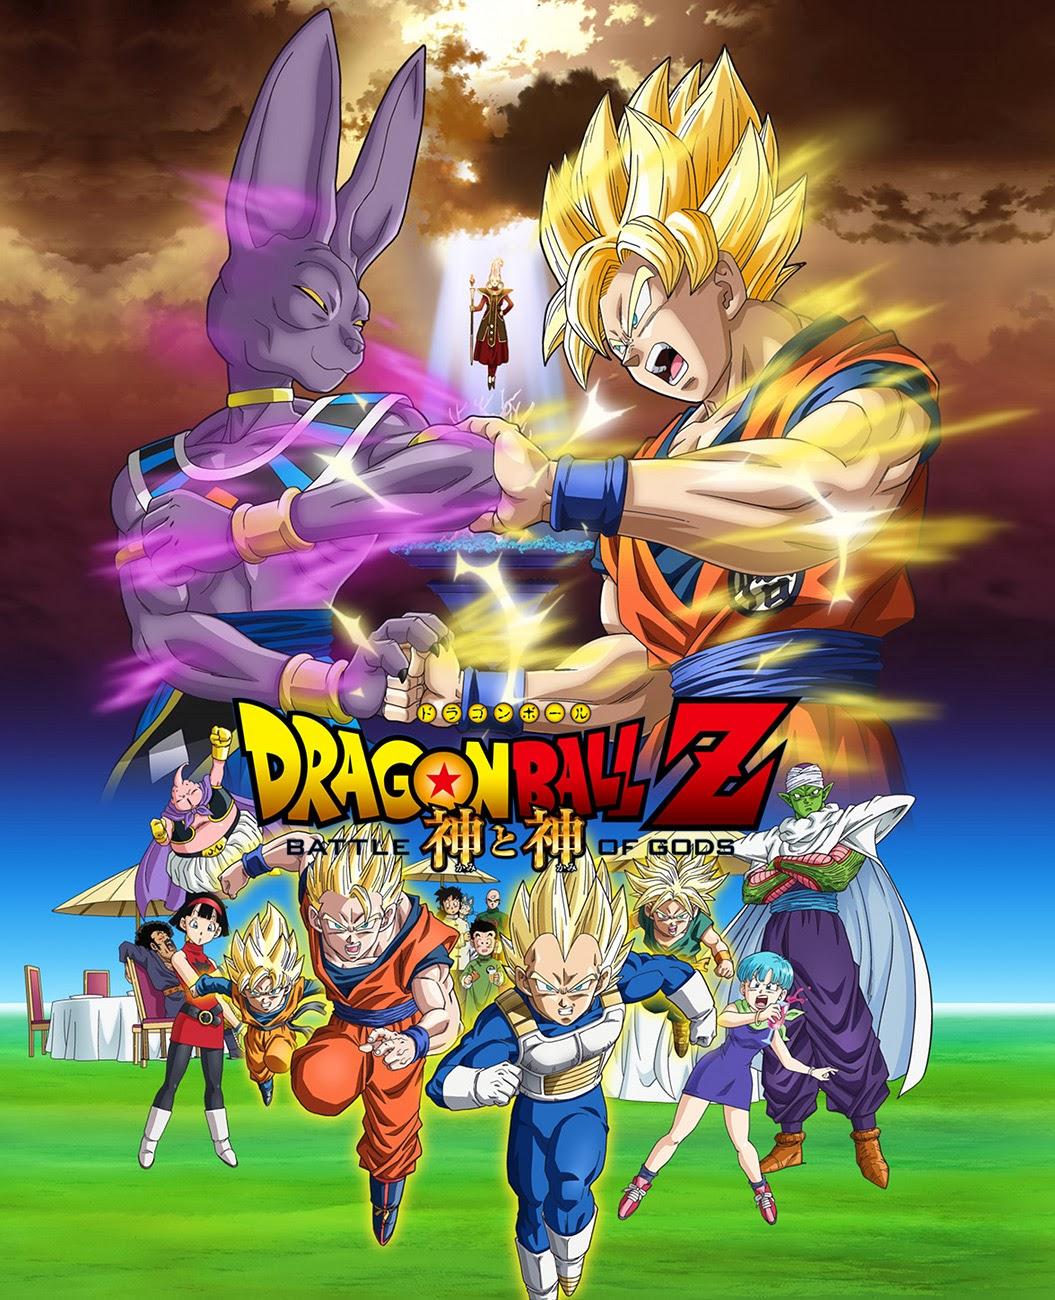 http://2.bp.blogspot.com/-Wb6f8LrPrSg/UkOZeI47W4I/AAAAAAAABnc/EFaOfVrCoG0/s1600/Dragon-Ball-Z-battle-of-gods.jpg